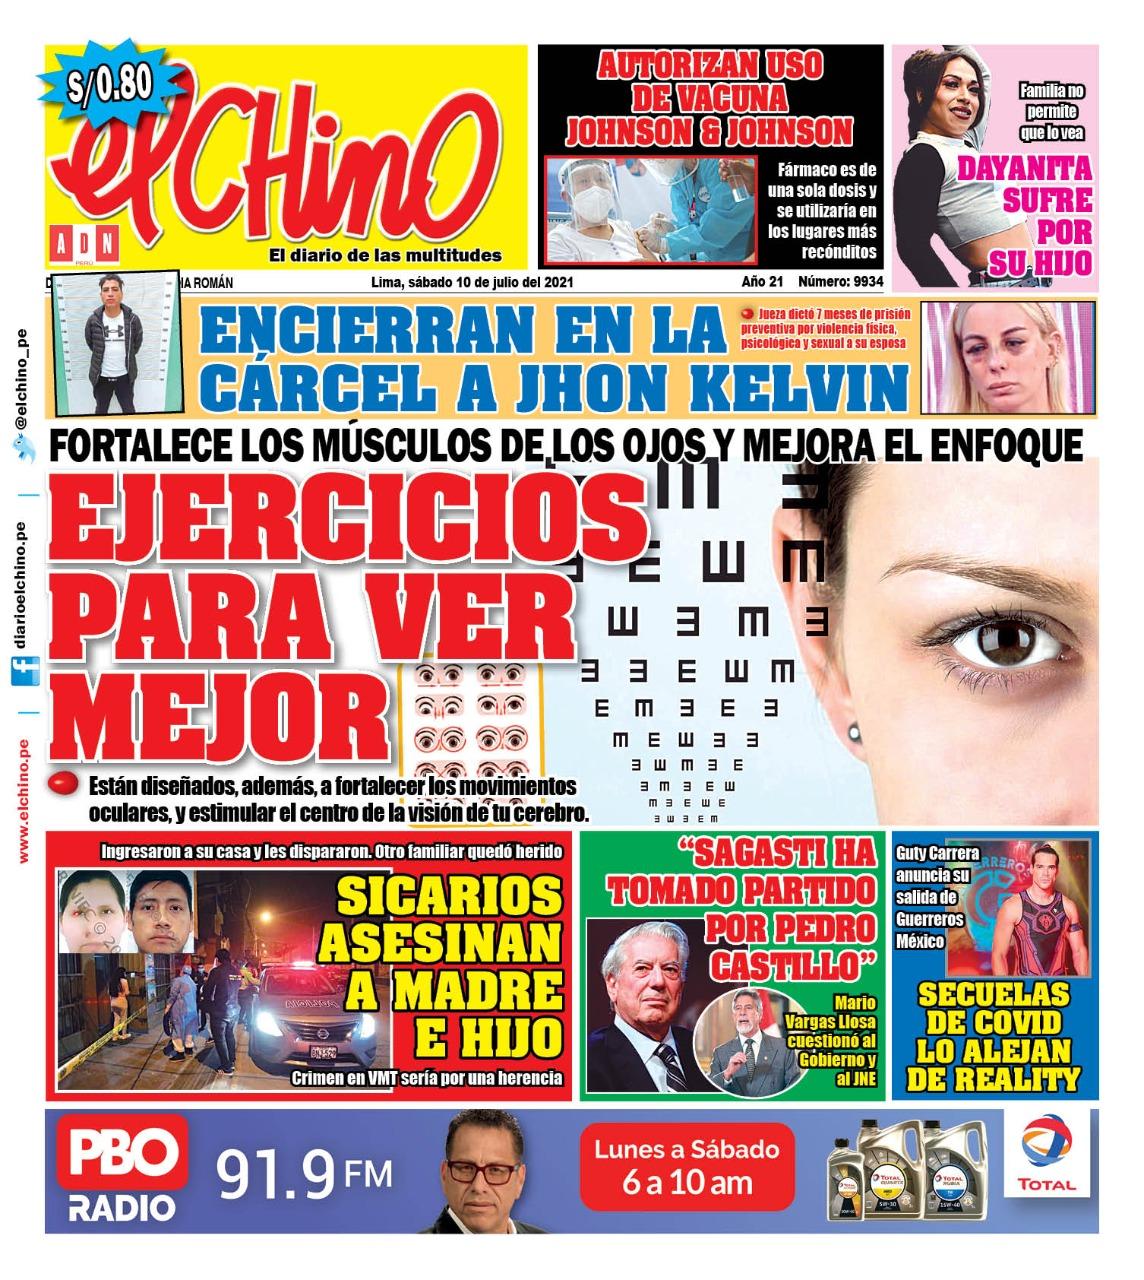 Portada impresa – Diario El Chino (10/07/2021)